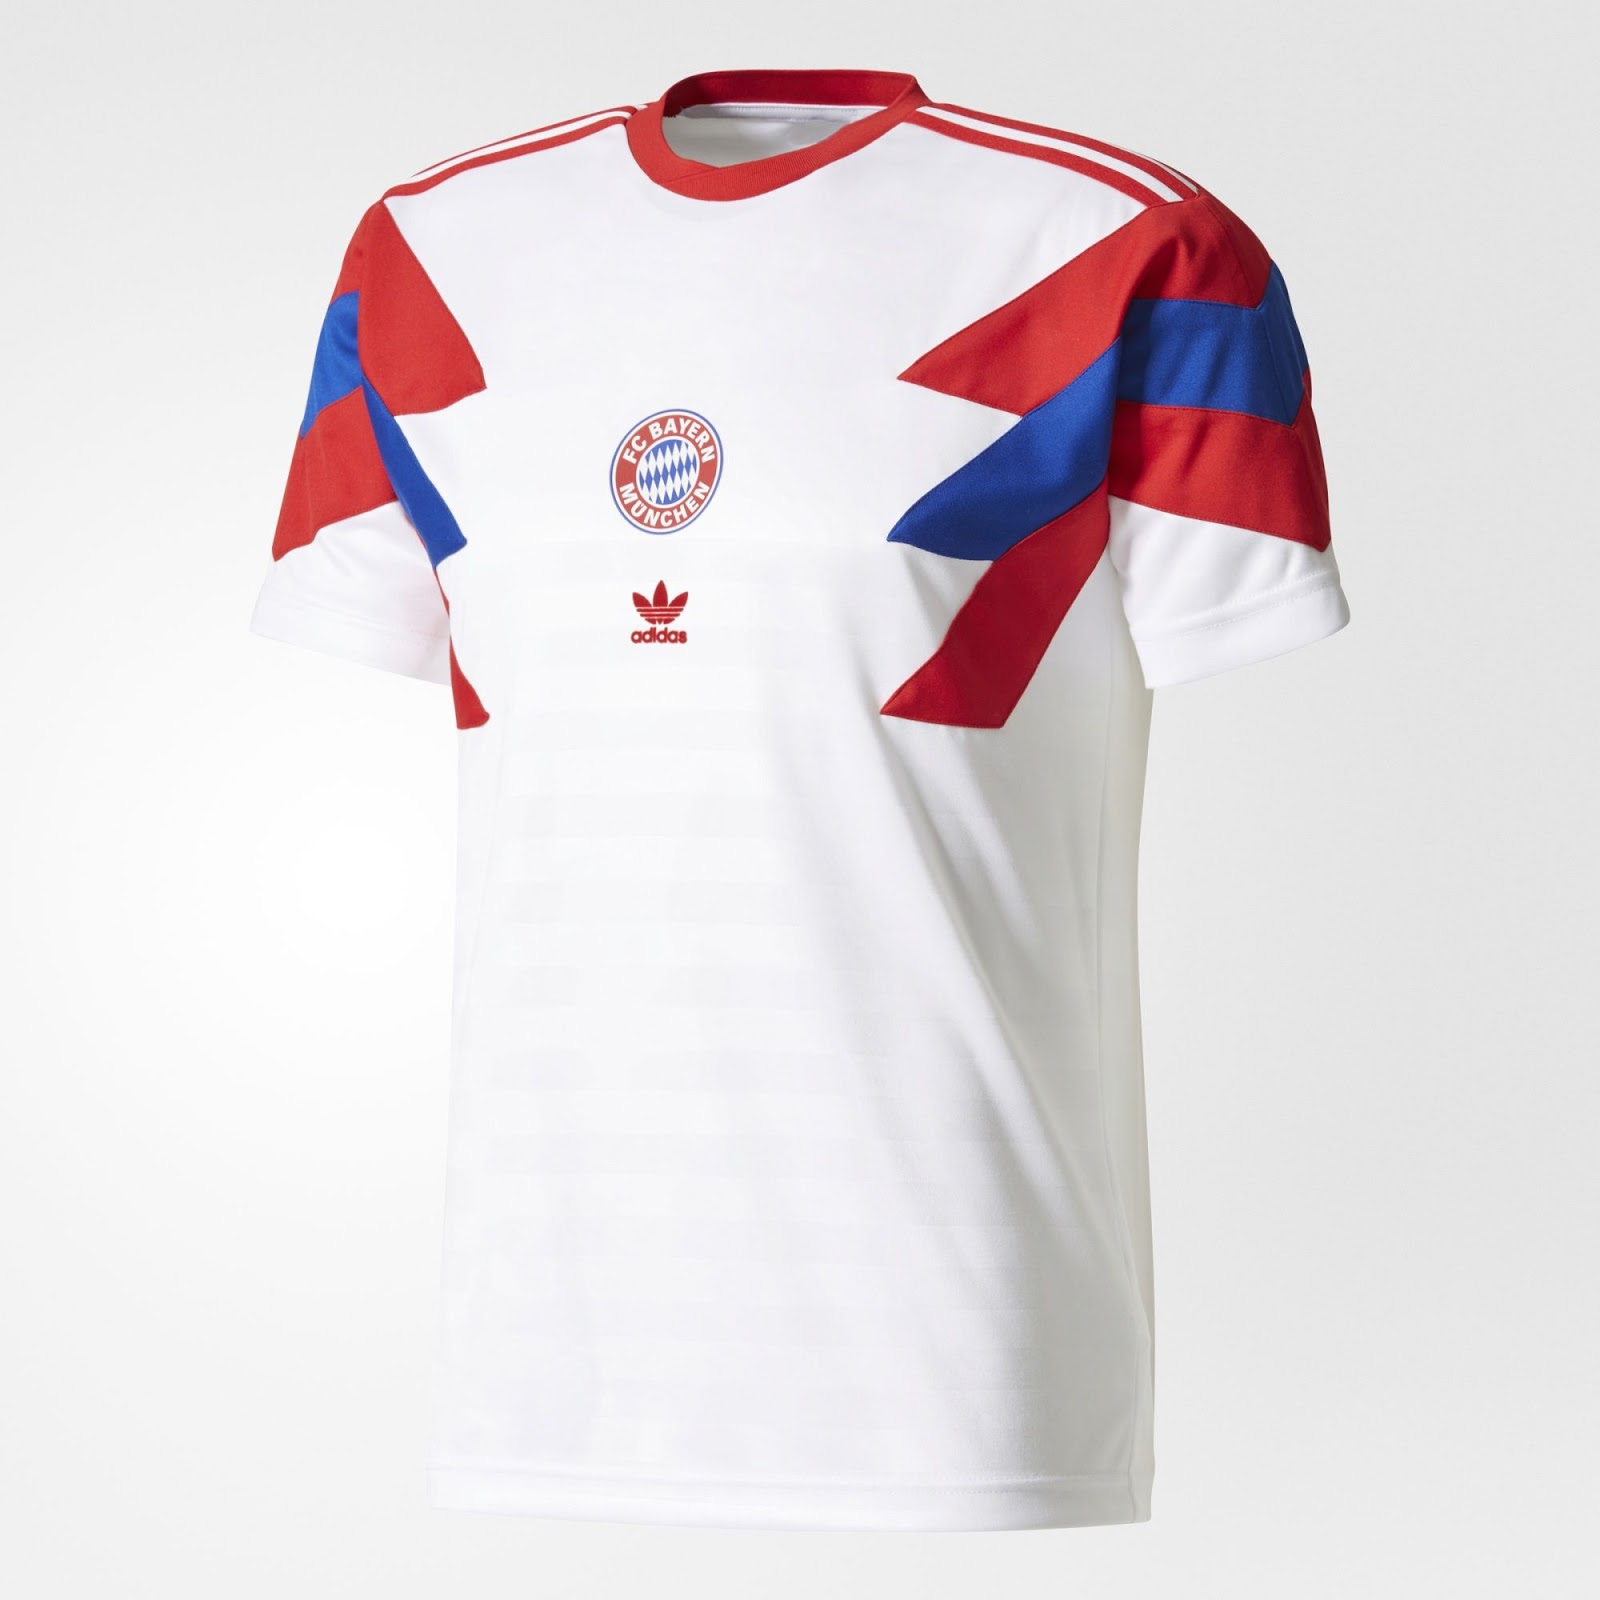 Новые футболки «Баварии» от Adidas Originals